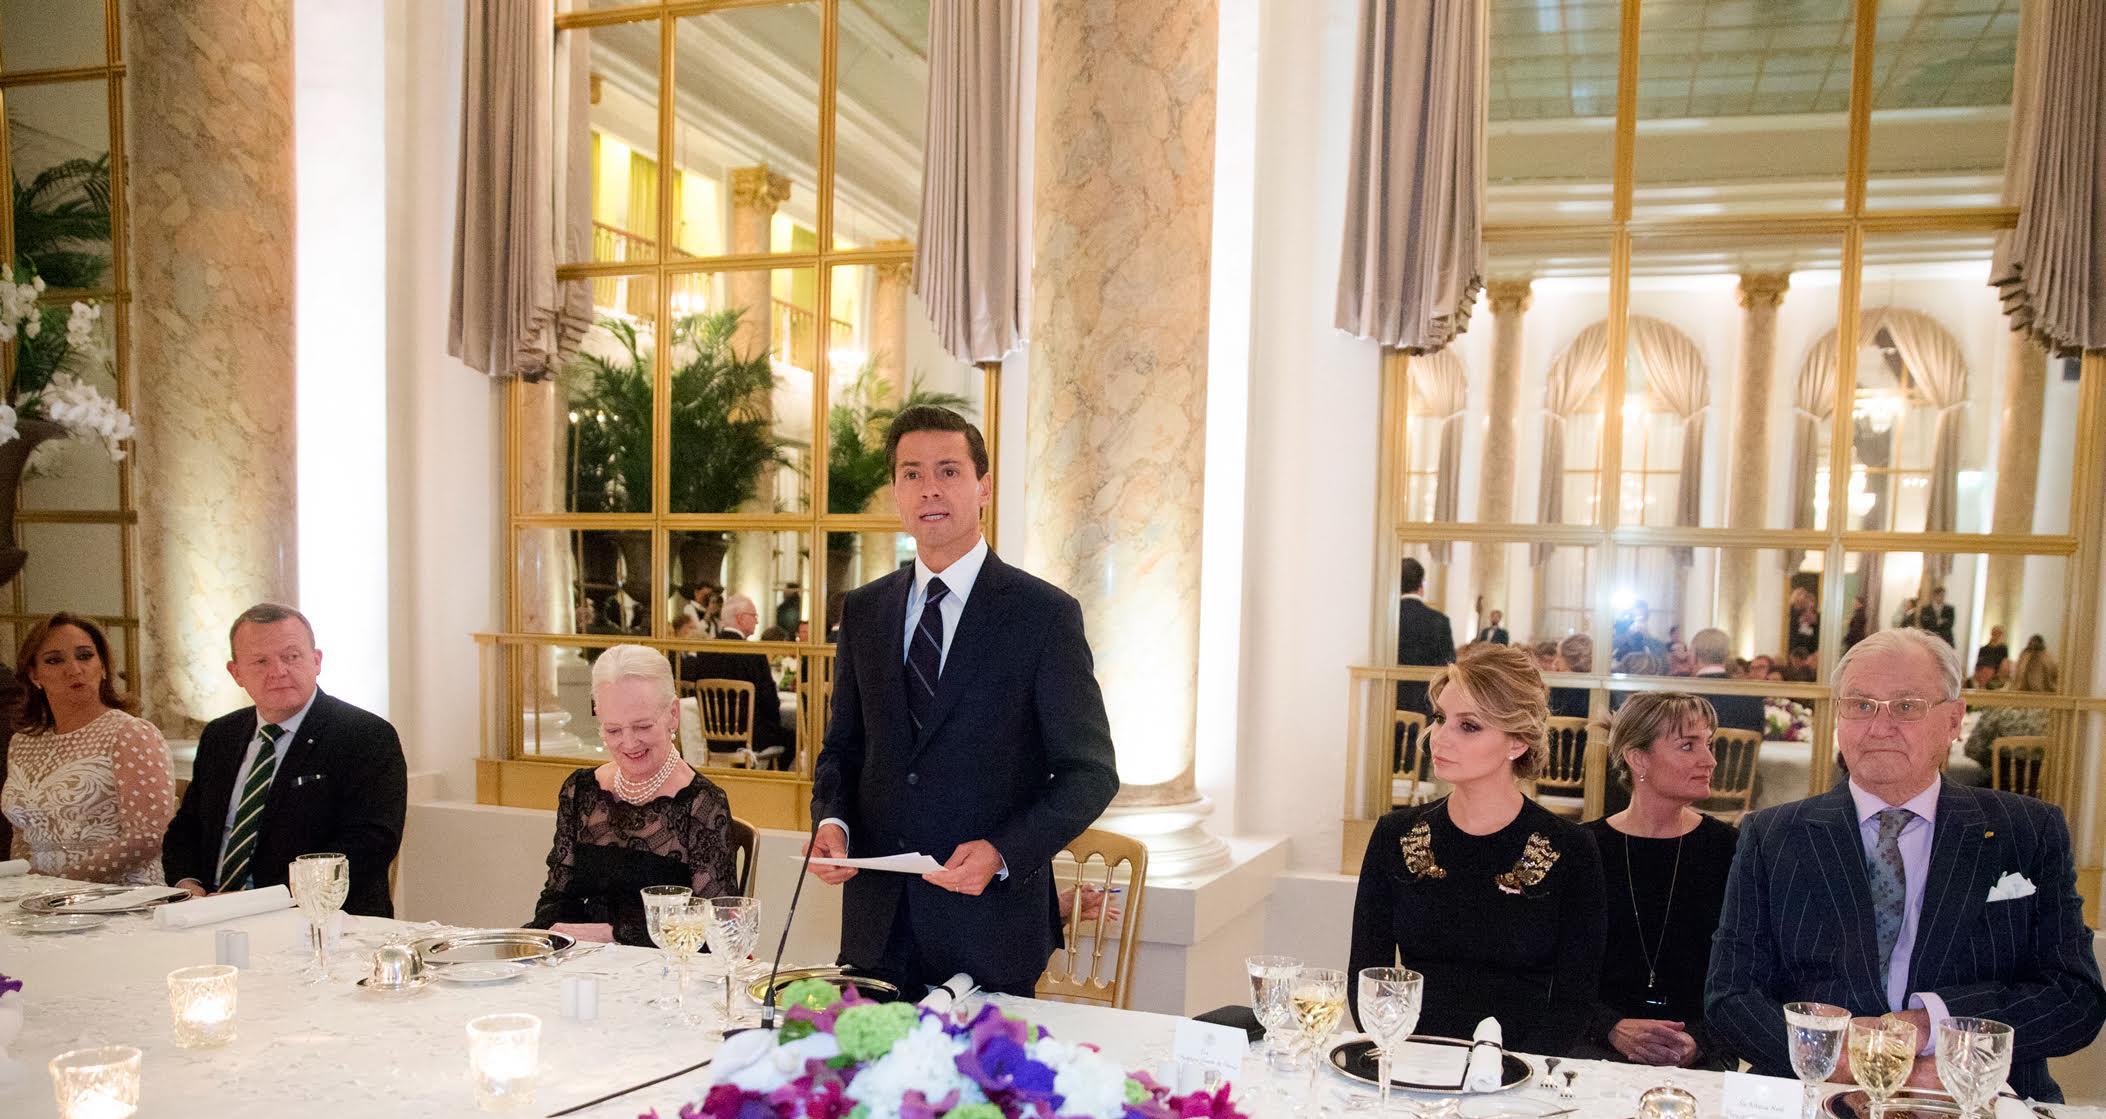 El Primer Mandatario durante su discurso en la cena que ofreció a los reyes de Dinamarca.